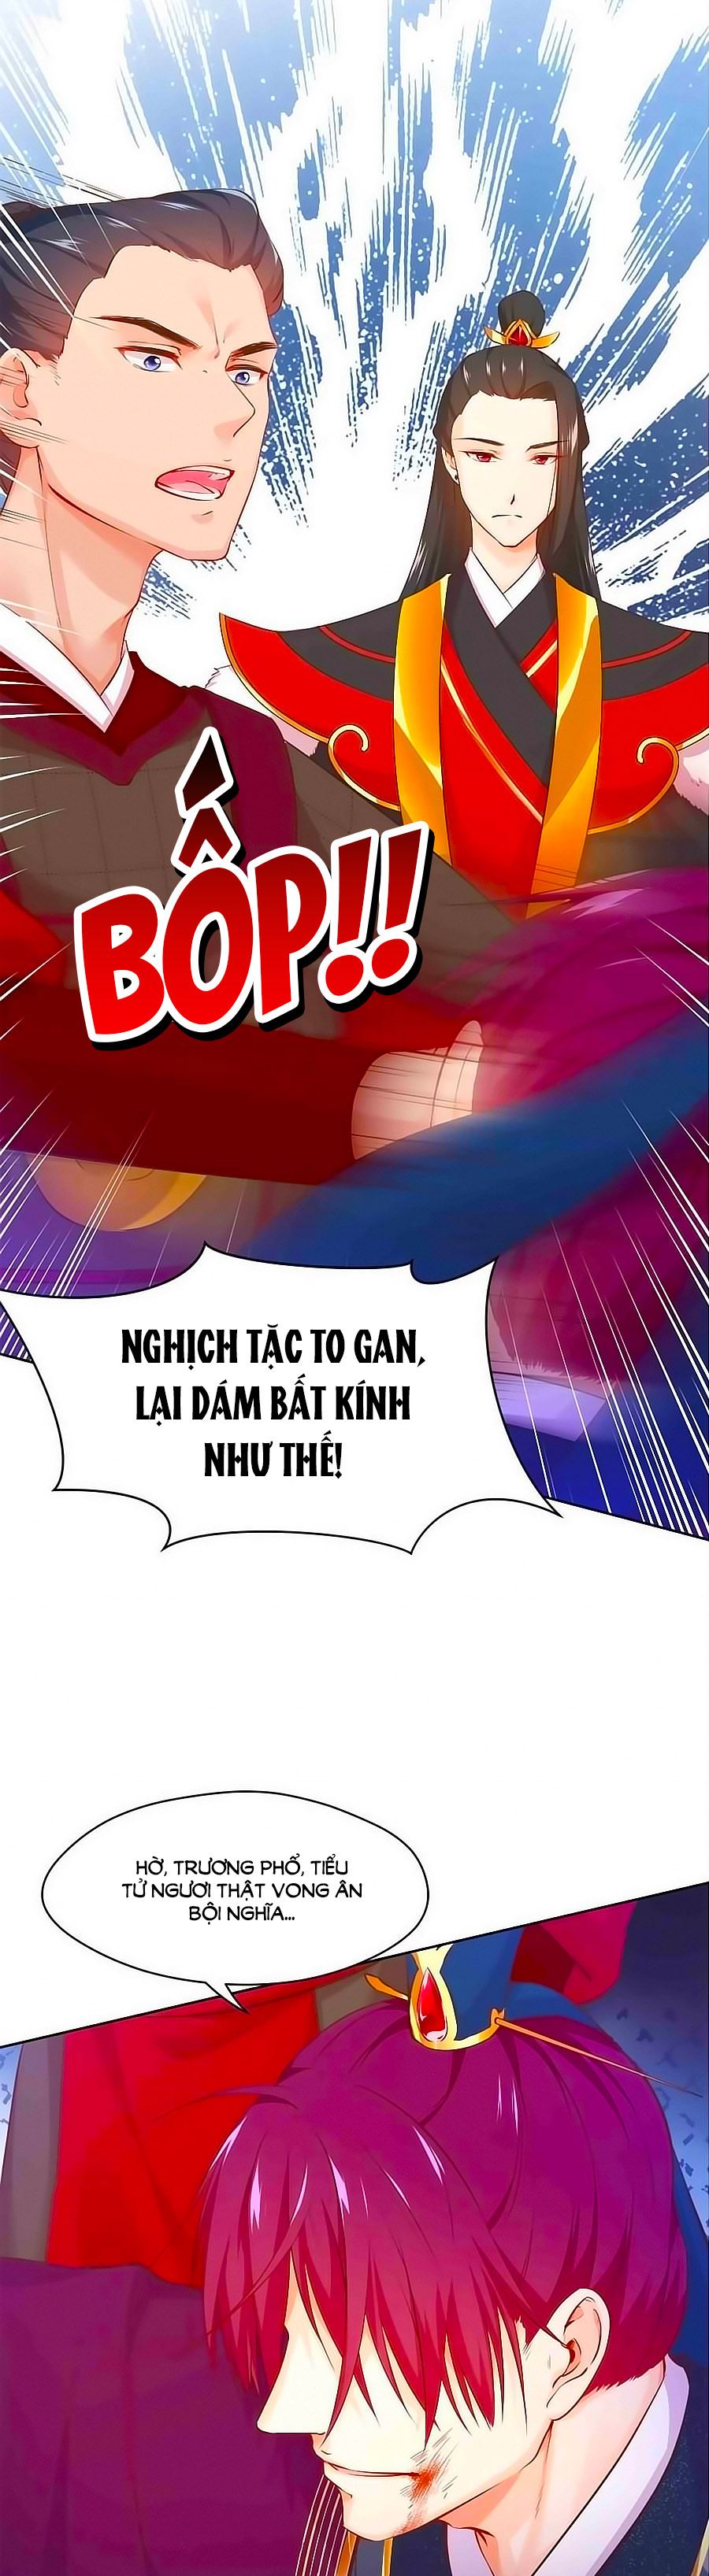 Thịnh Thế Đế Vương Phi Chap 106 Upload bởi Truyentranhmoi.net